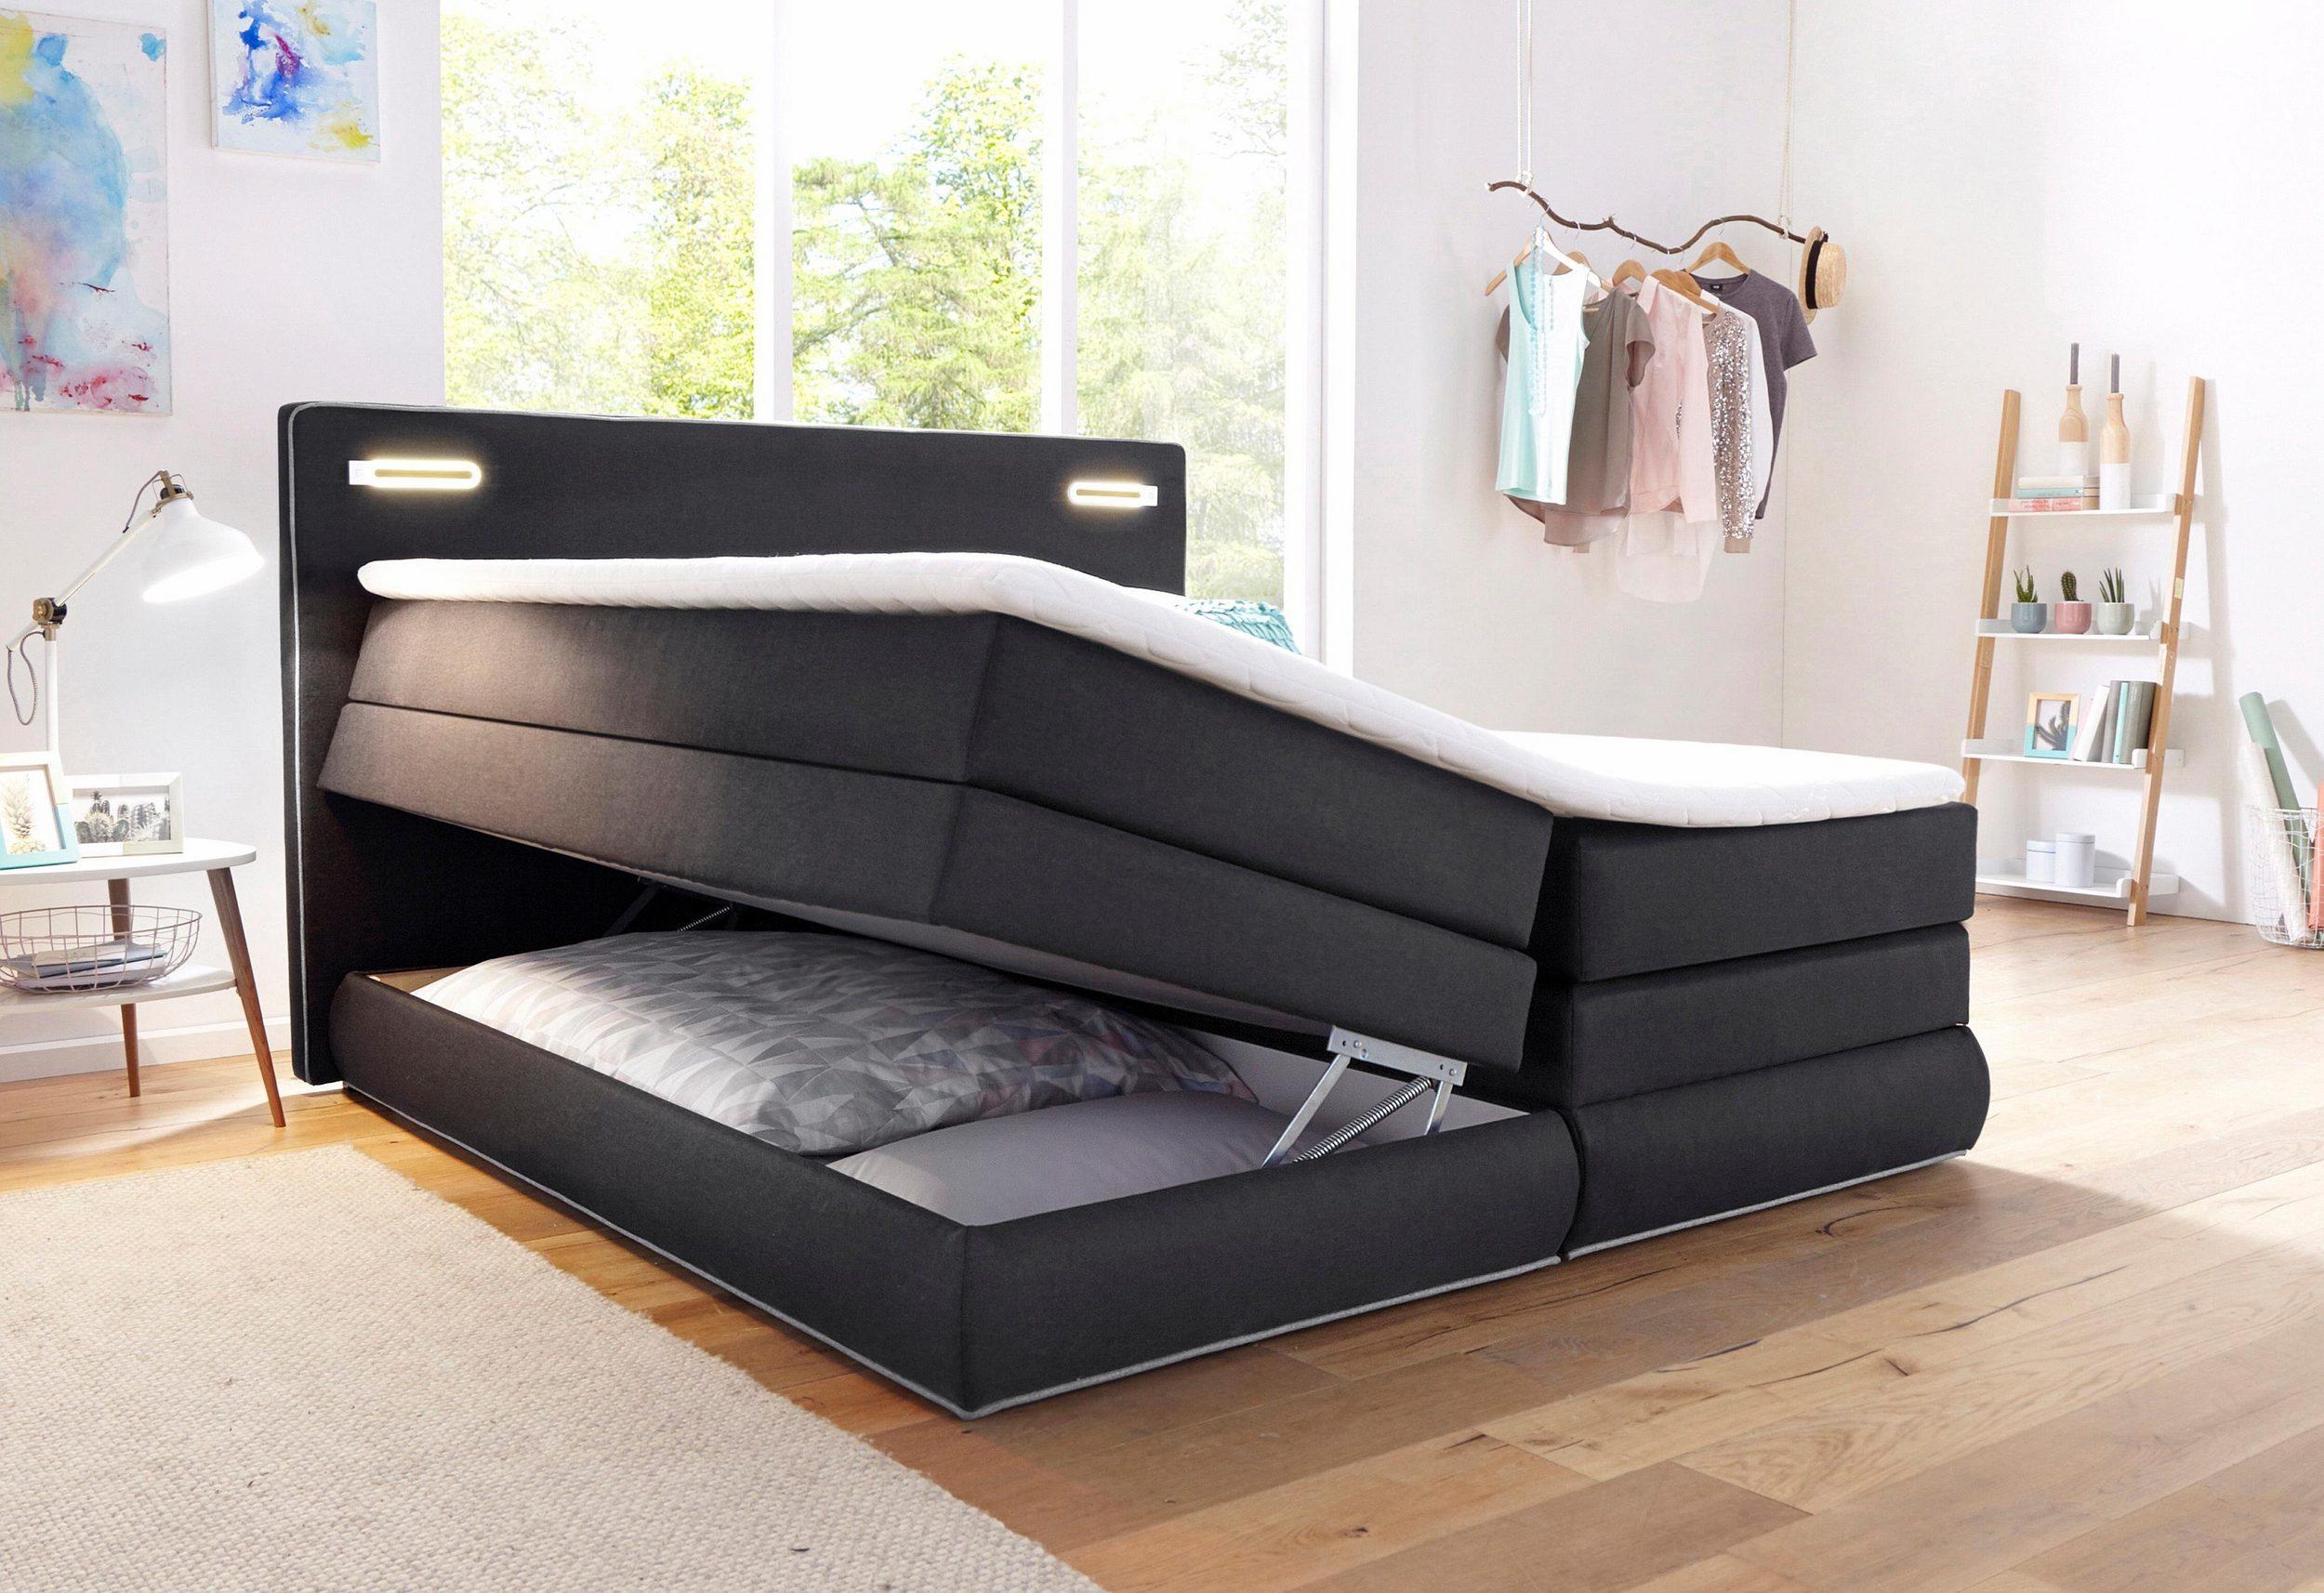 Rubona Boxspringbett mit Bettkasten über Gasdruckfedern